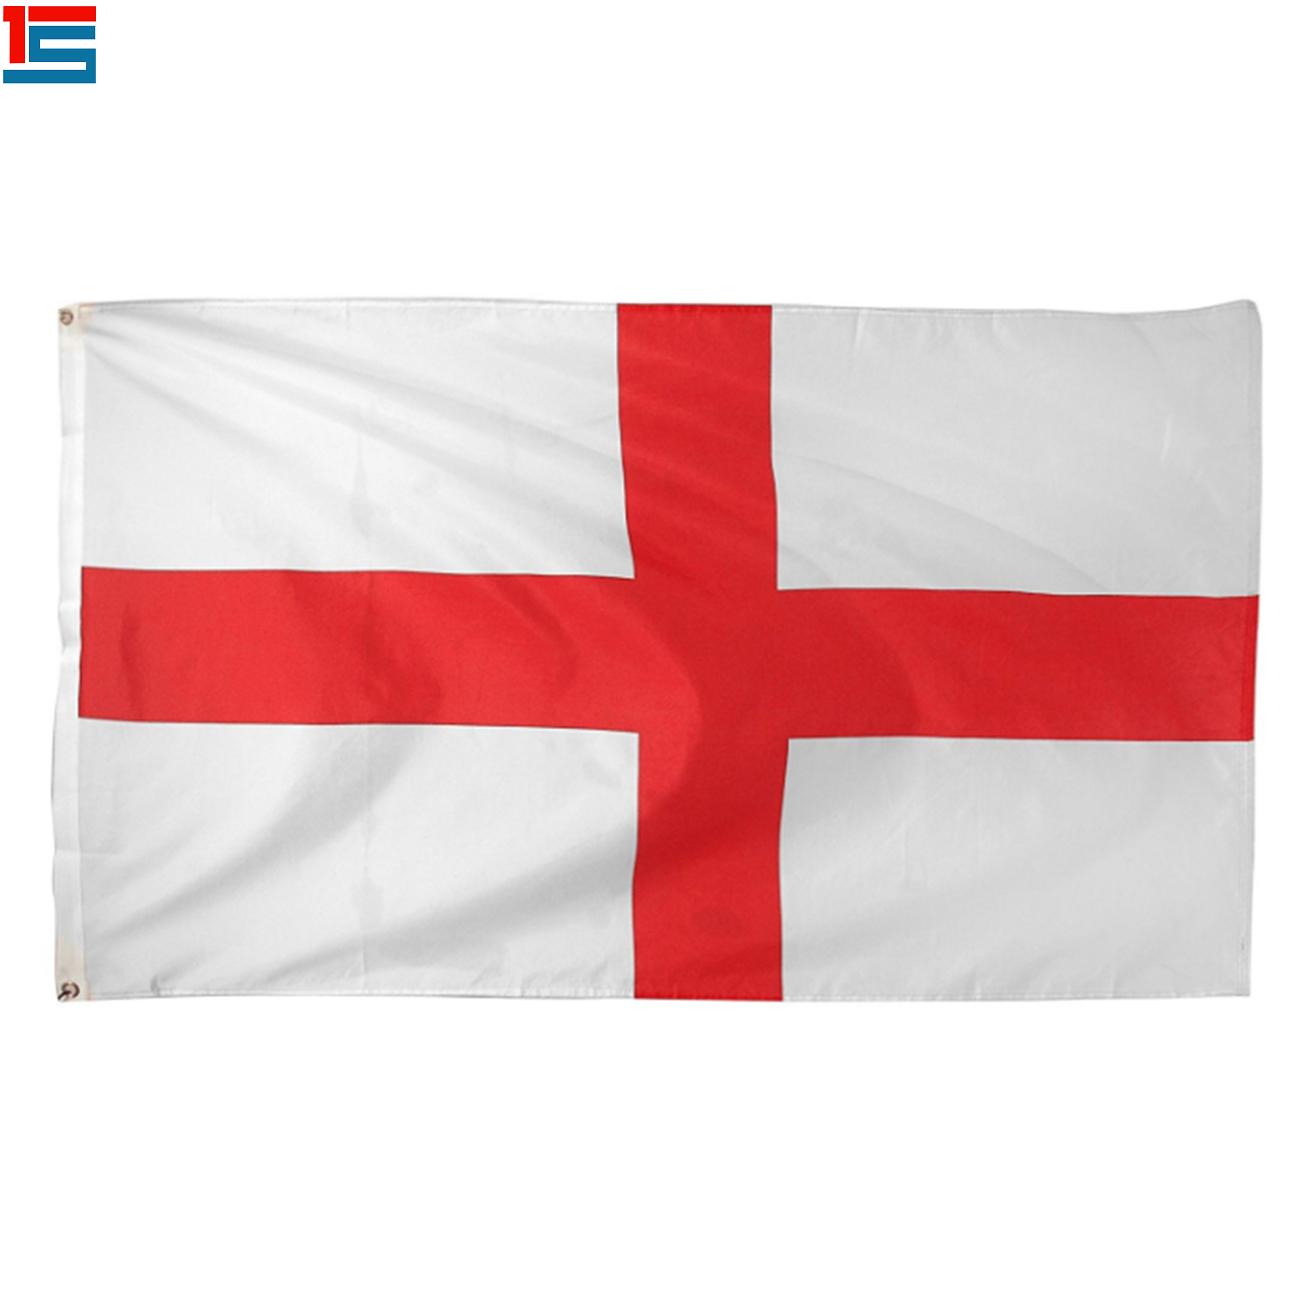 Australia-Bandera Nacional-Hierro en impresión de transferencia la camiseta